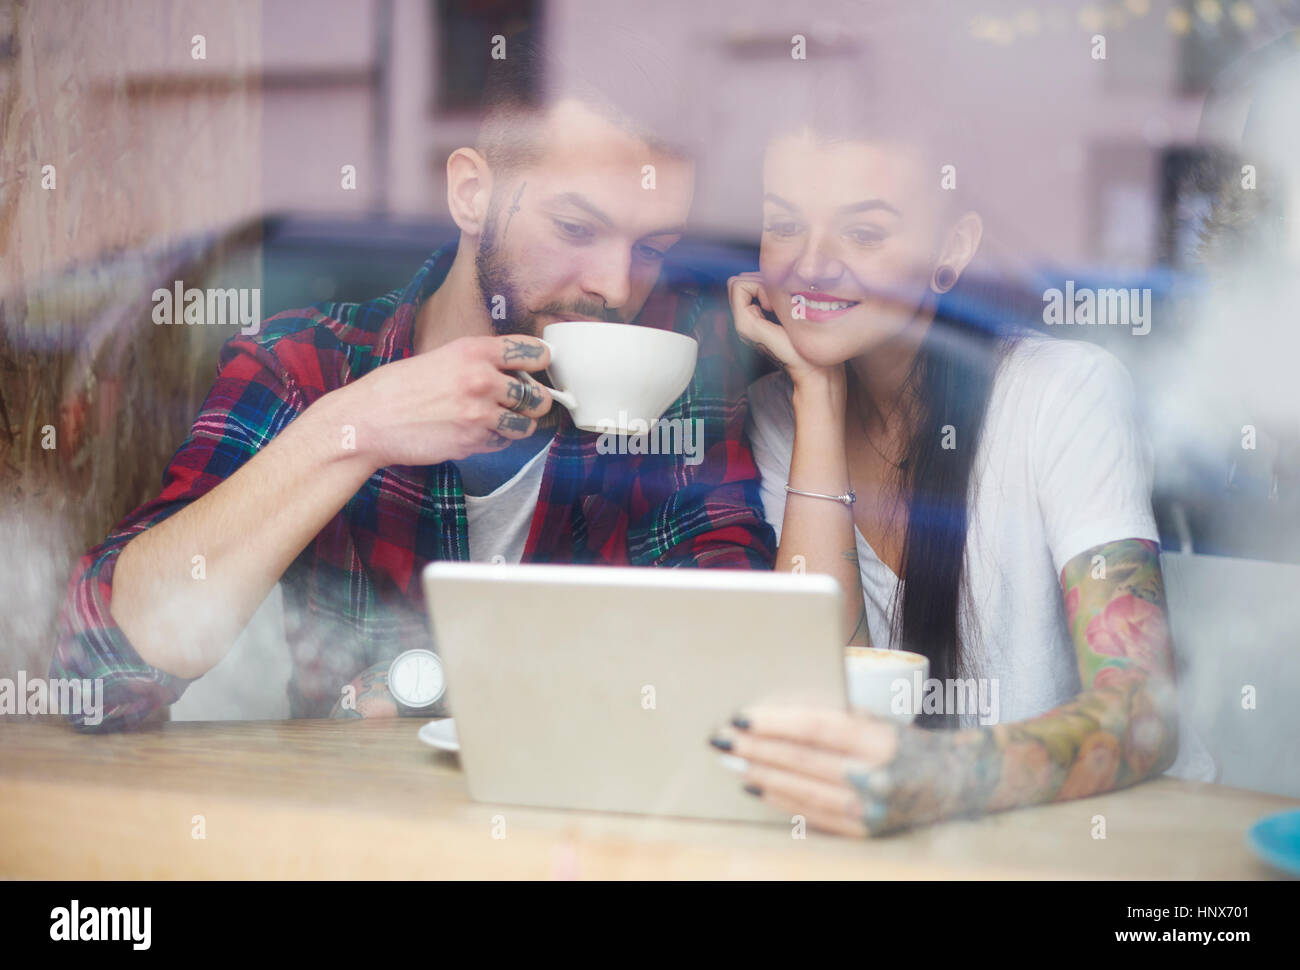 Voir à travers la vitre du café en couple using digital tablet Photo Stock